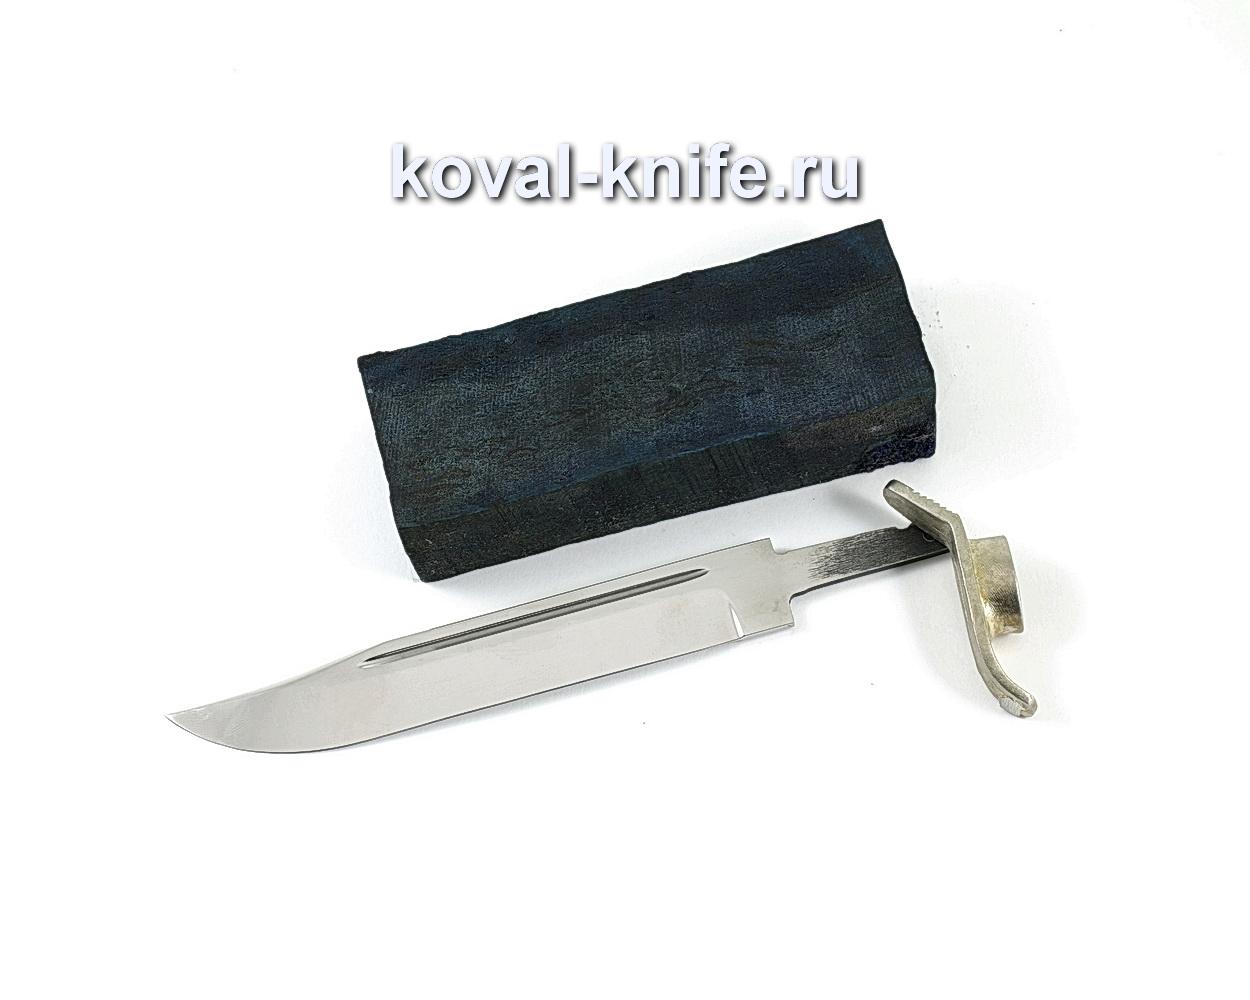 Комплект для ножа НР-40 4 (клинок кованая 95х18 2,4мм, литье 1шт., граб брусок)